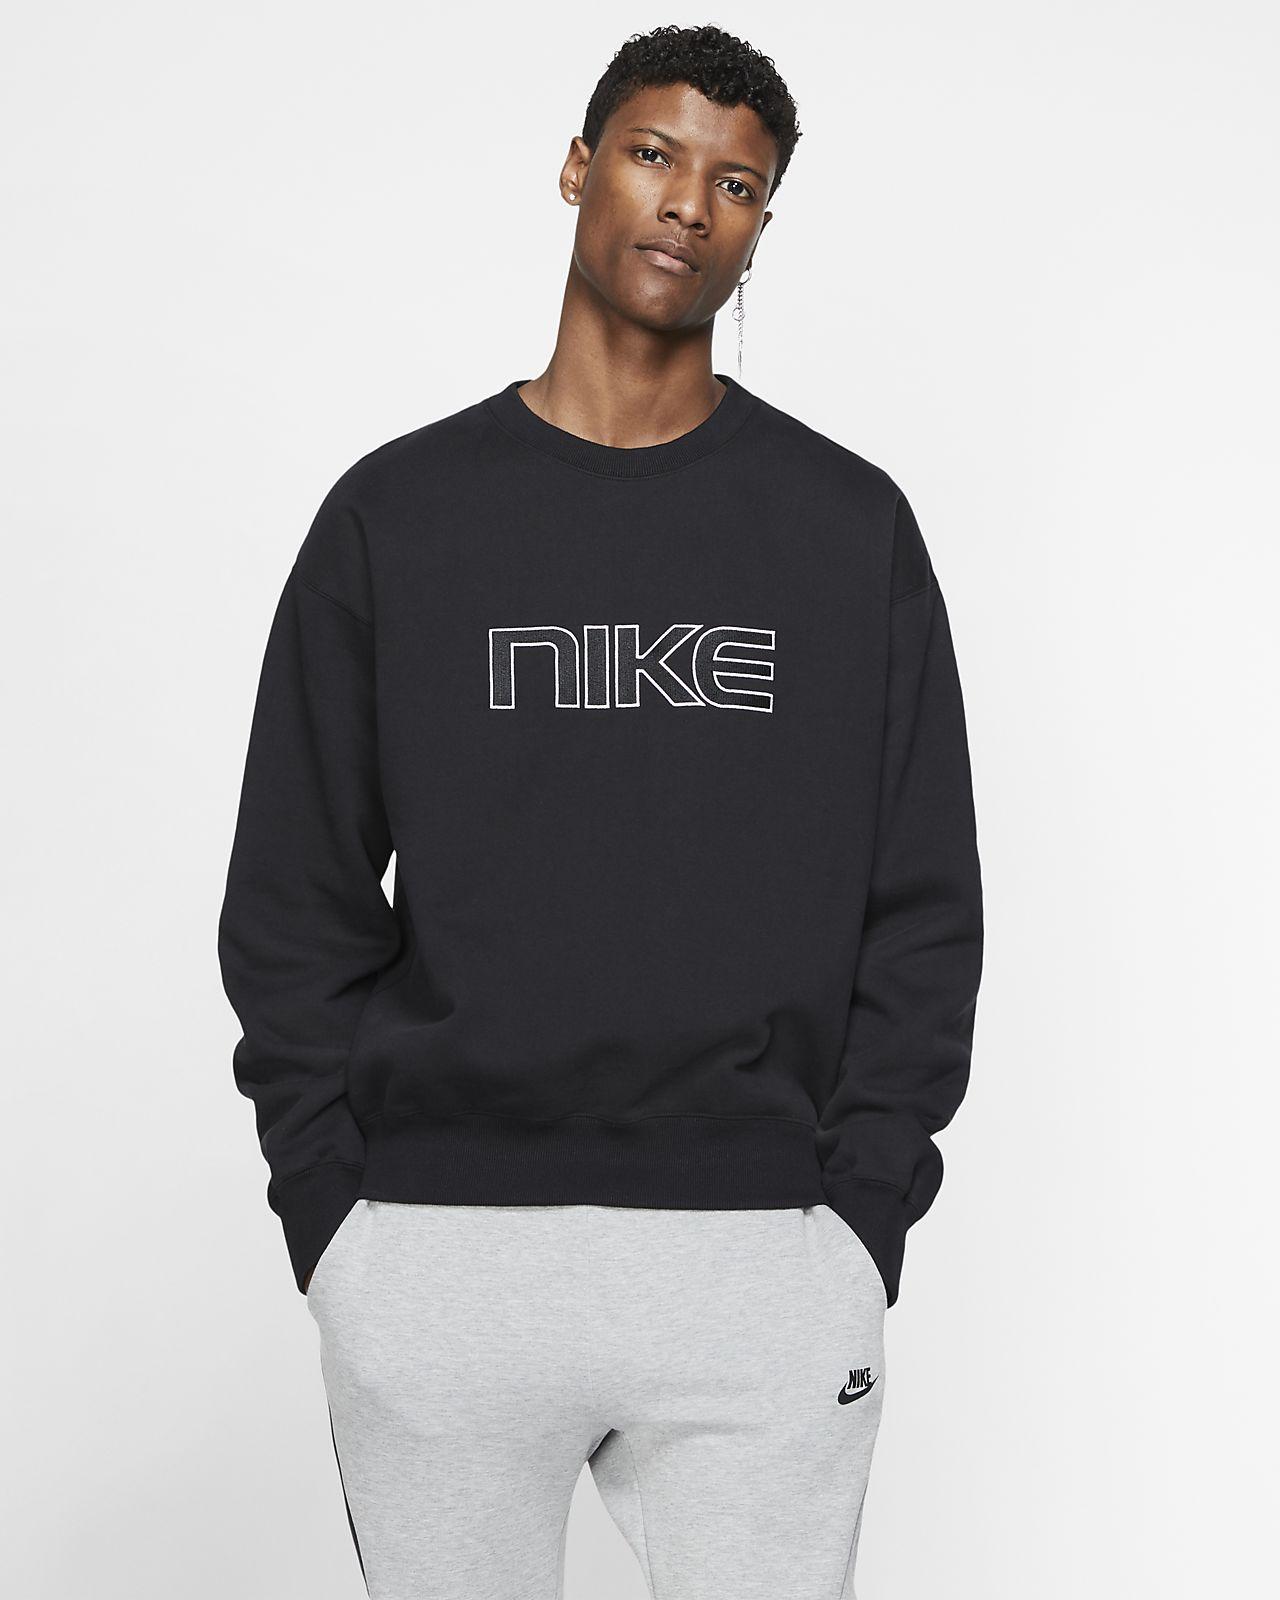 Tröja med rund hals NikeLab Collection för män